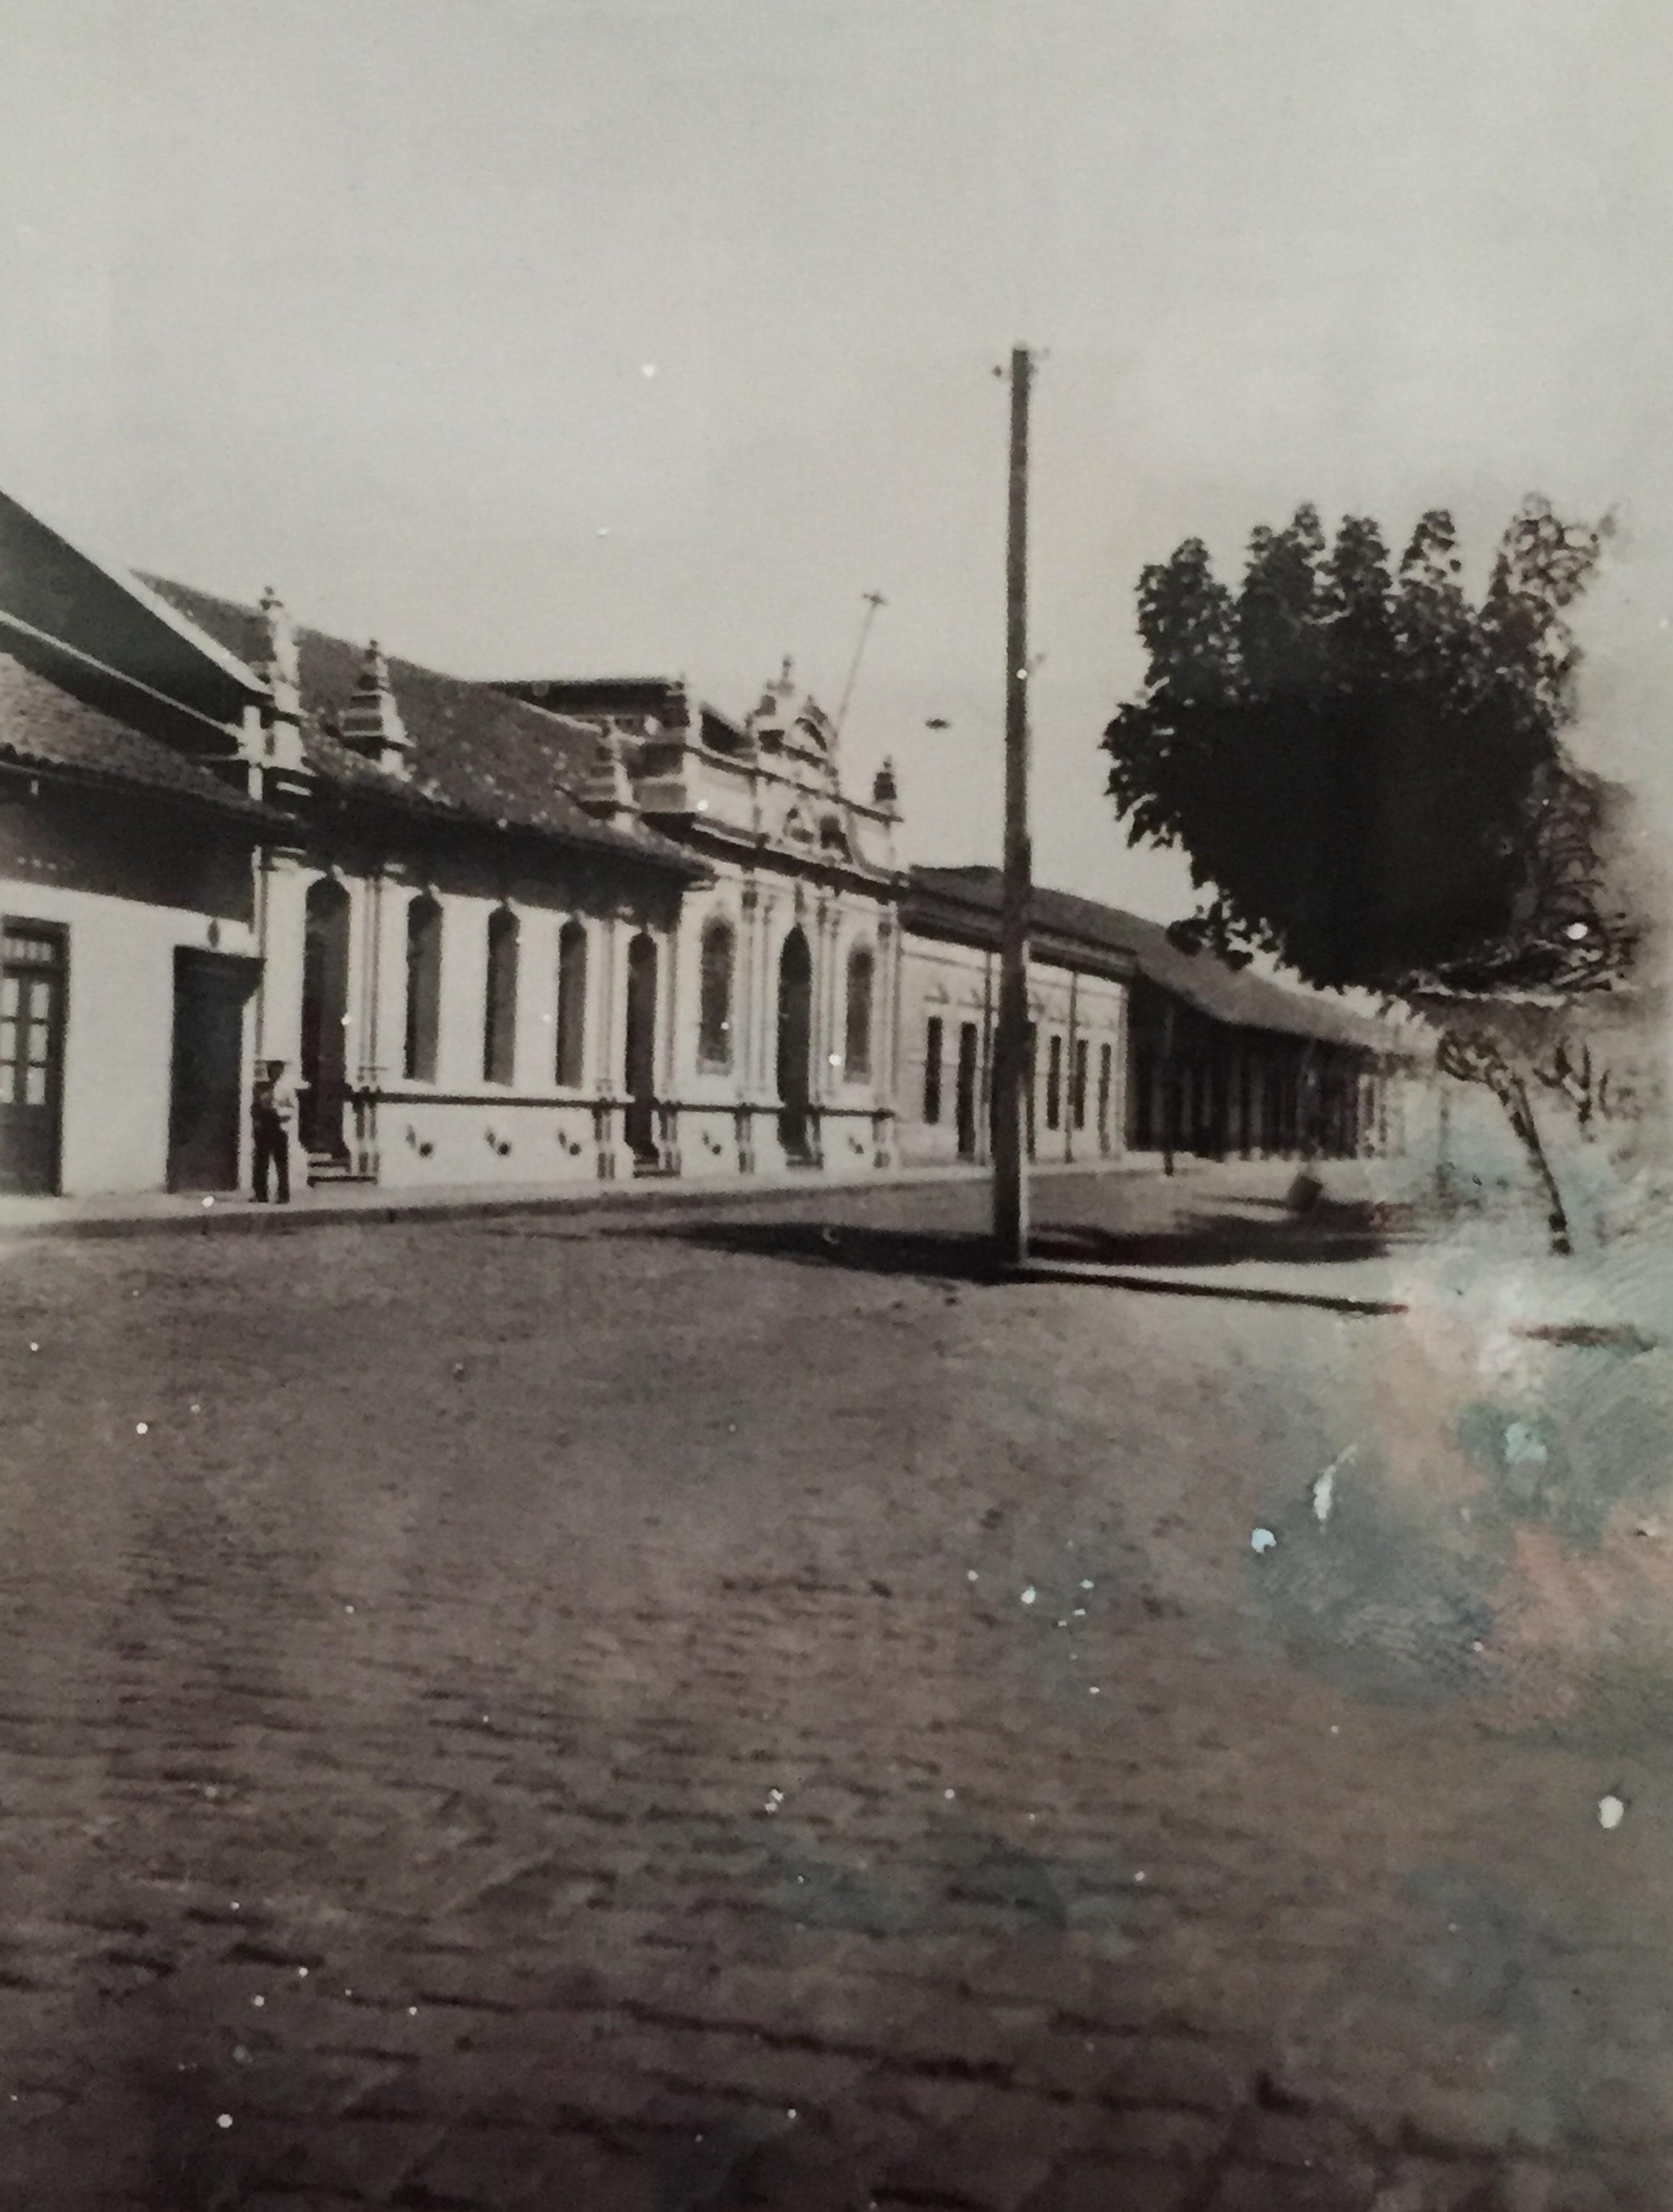 Enterreno - Fotos históricas de chile - fotos antiguas de Chile - Cabildo de Cauquenes, 1916